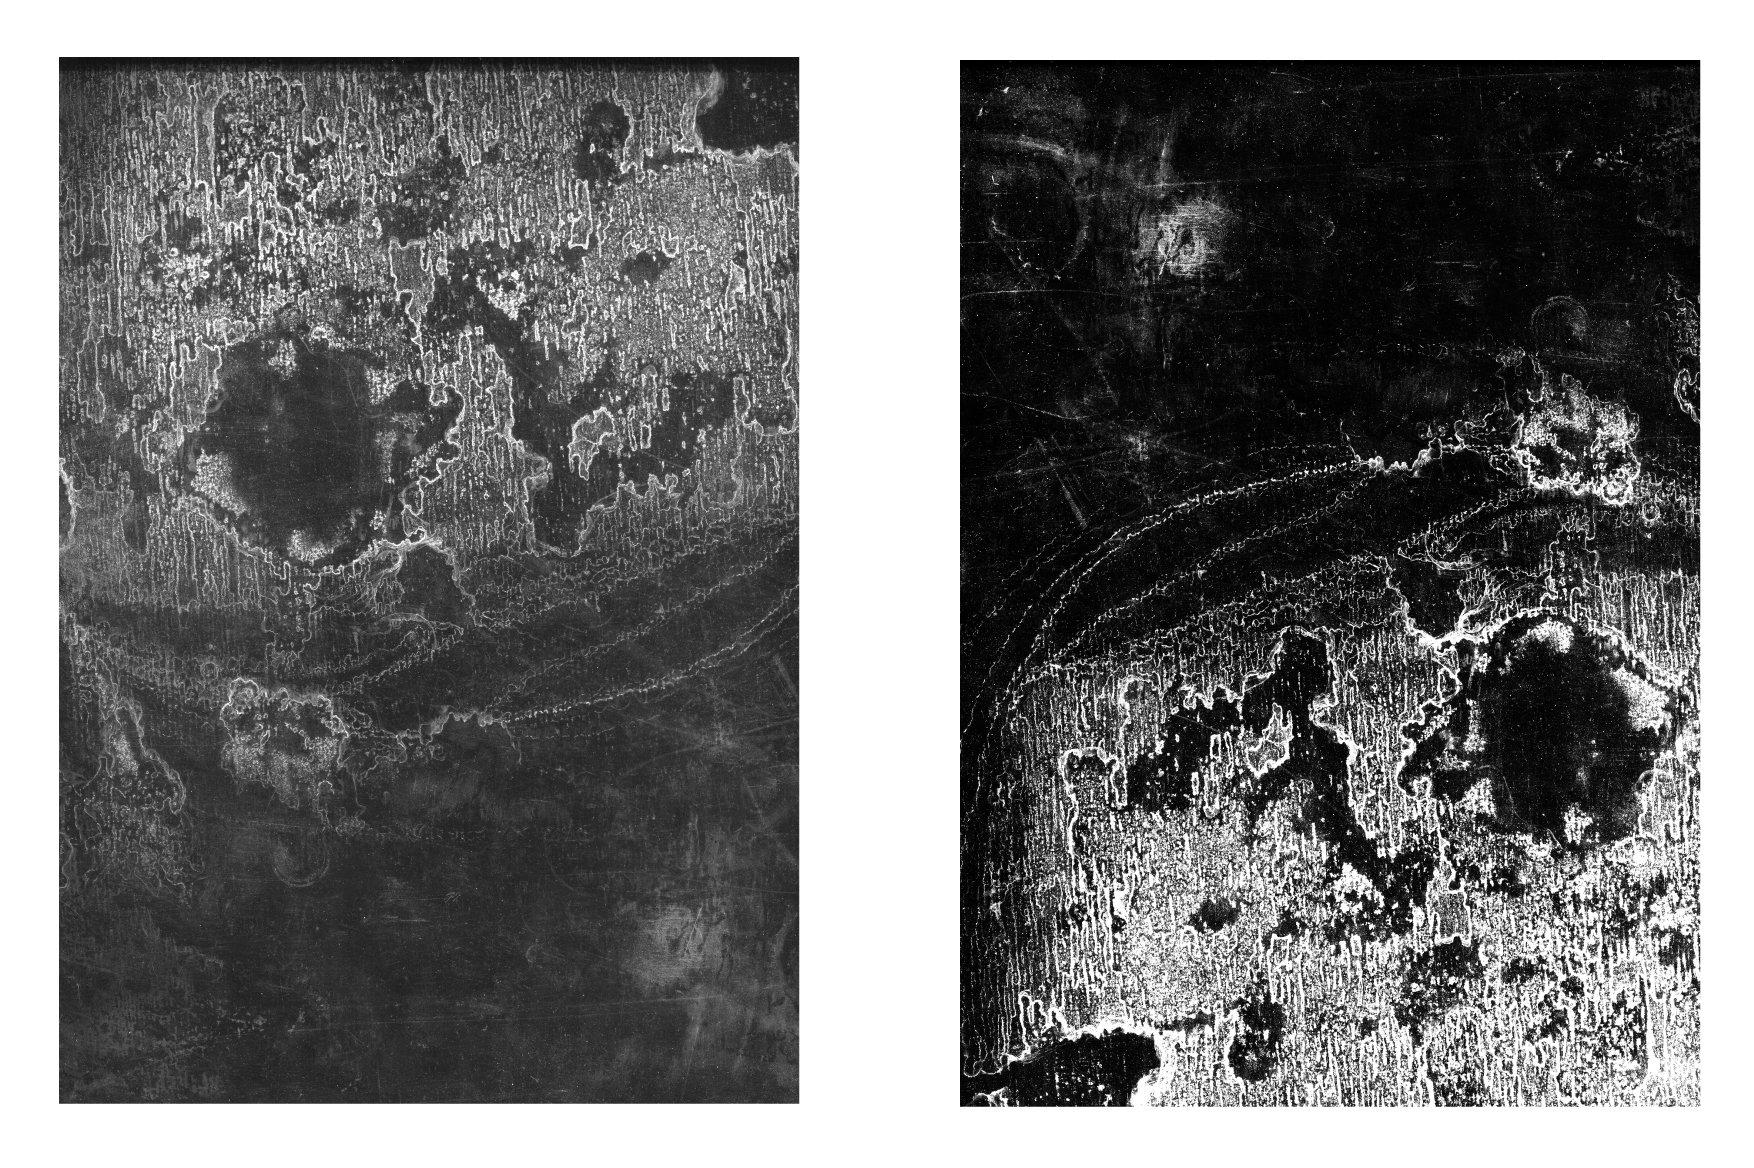 156款复古做旧折痕磨损褶皱纸张背景纹理素材合集 The Grunge Texture Bundle Vol. 1插图(43)